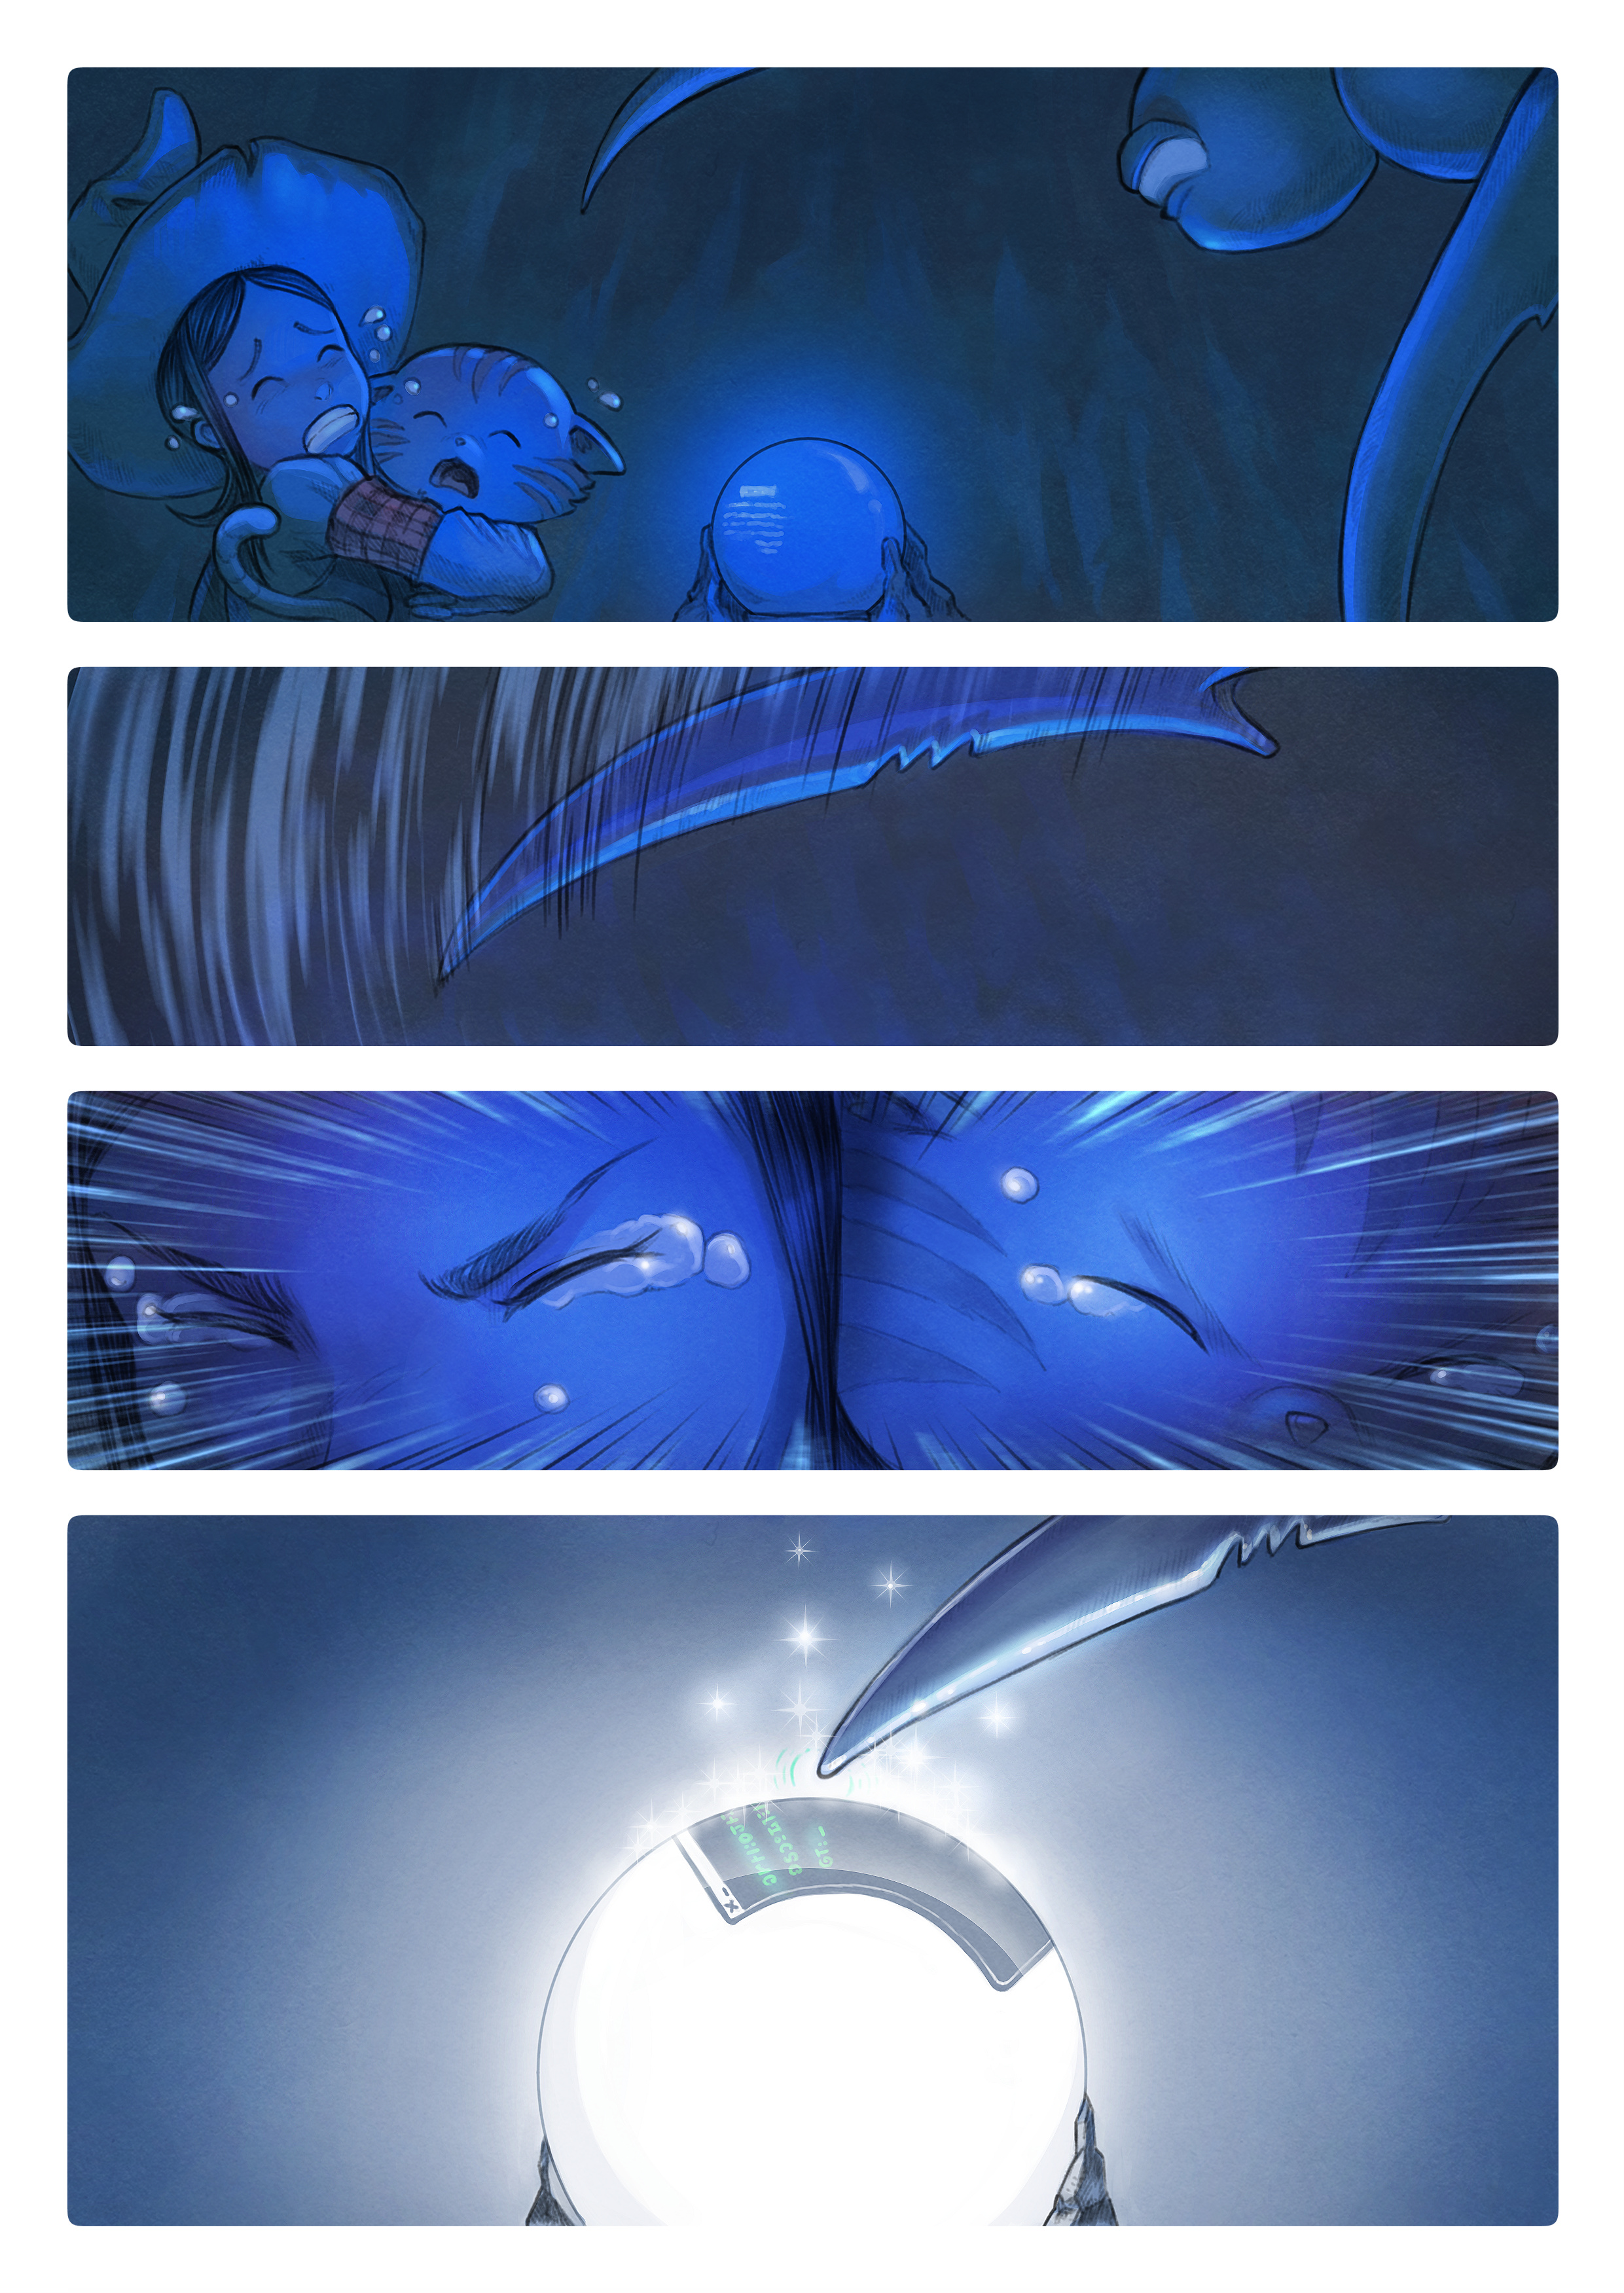 エピソード 15: 水晶玉, ページ 6